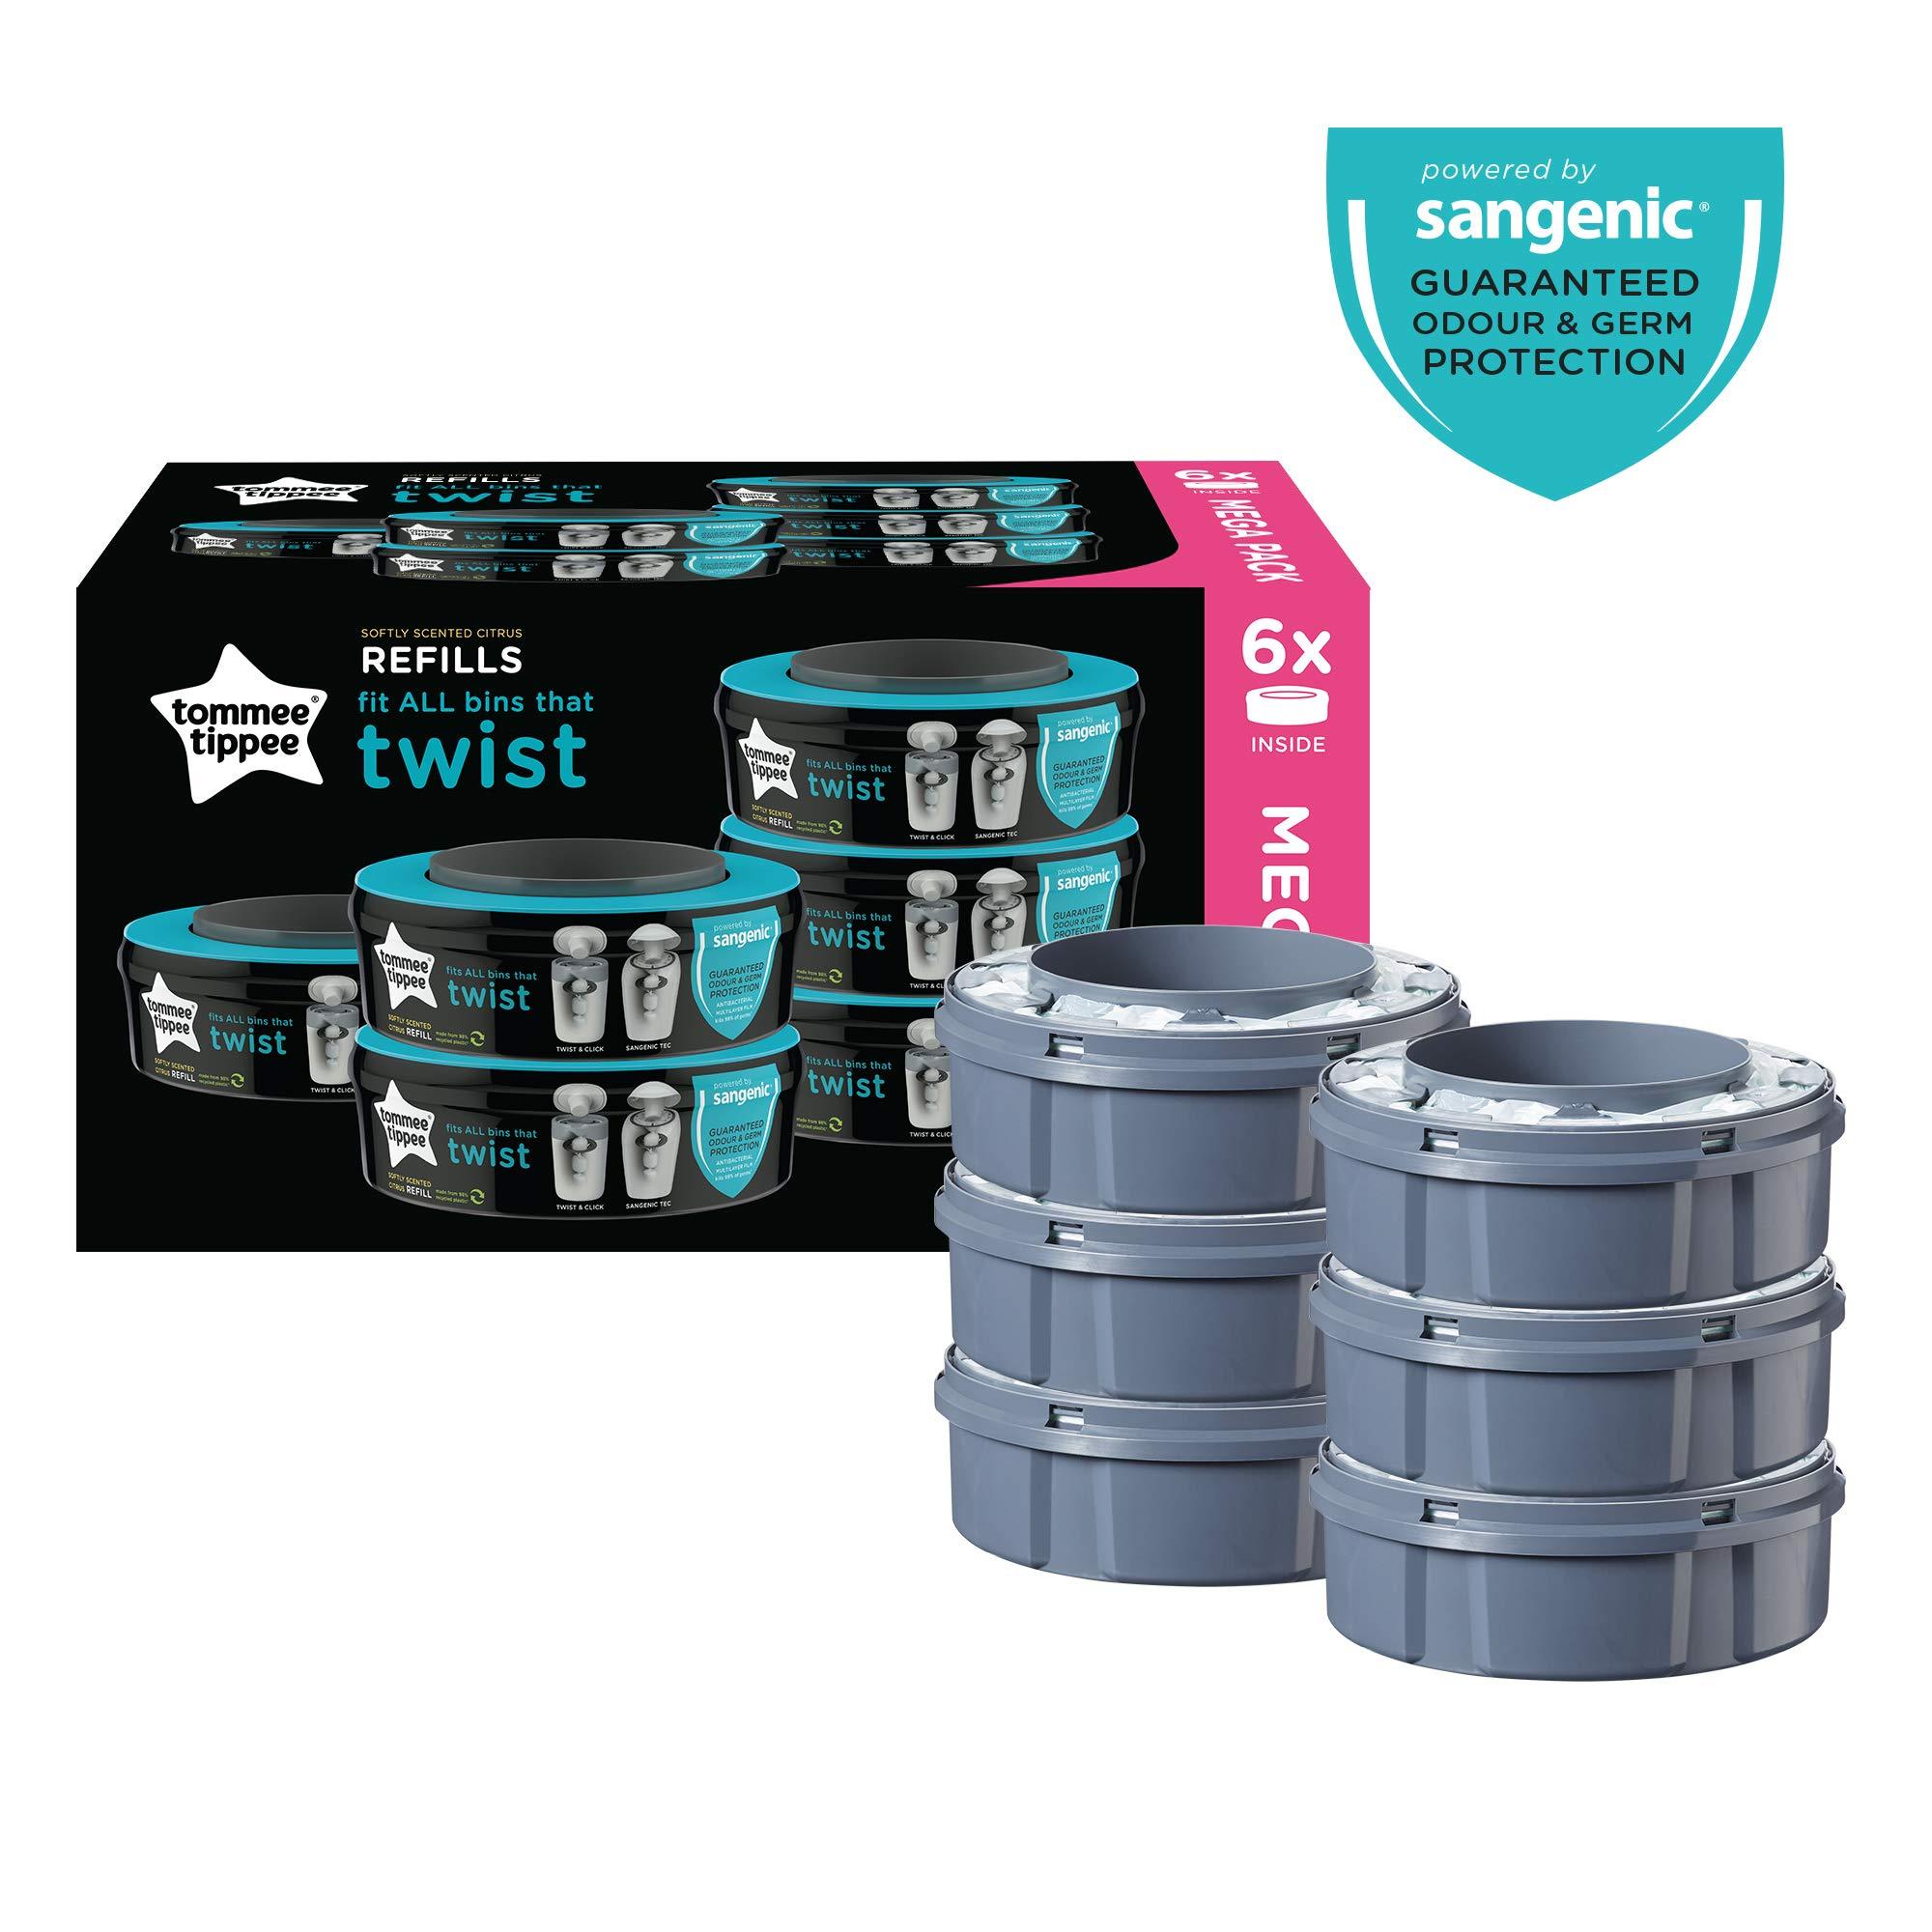 Tommee Tippee Sangenic Recambios Sistema avanzado para desechar pañales Twist & Click, paquete de 6 (compatibles con los contenedores Sangenic TEC y Twist and Click) product image